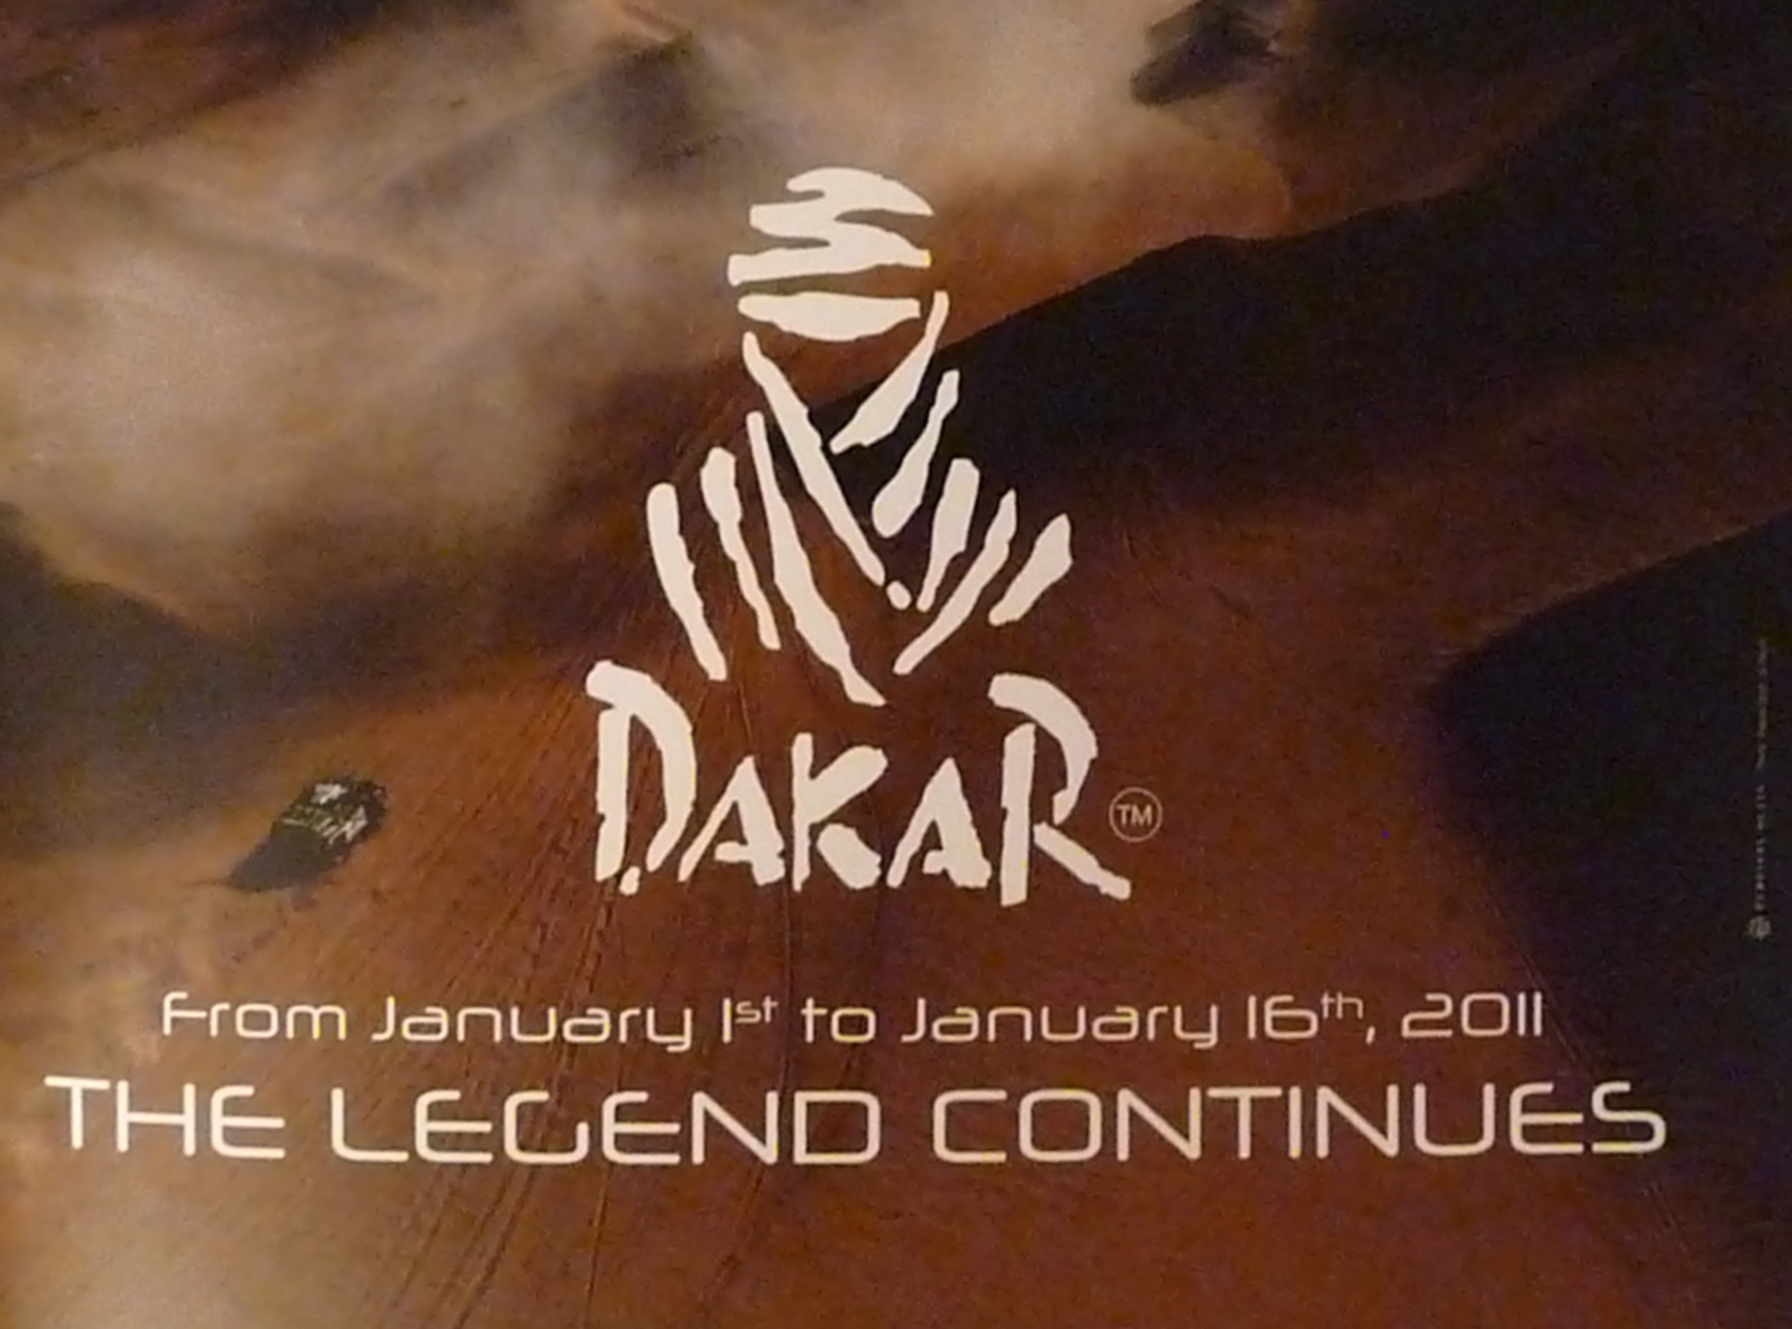 Dakar 2011, скачать фото, обои для рабочего стола